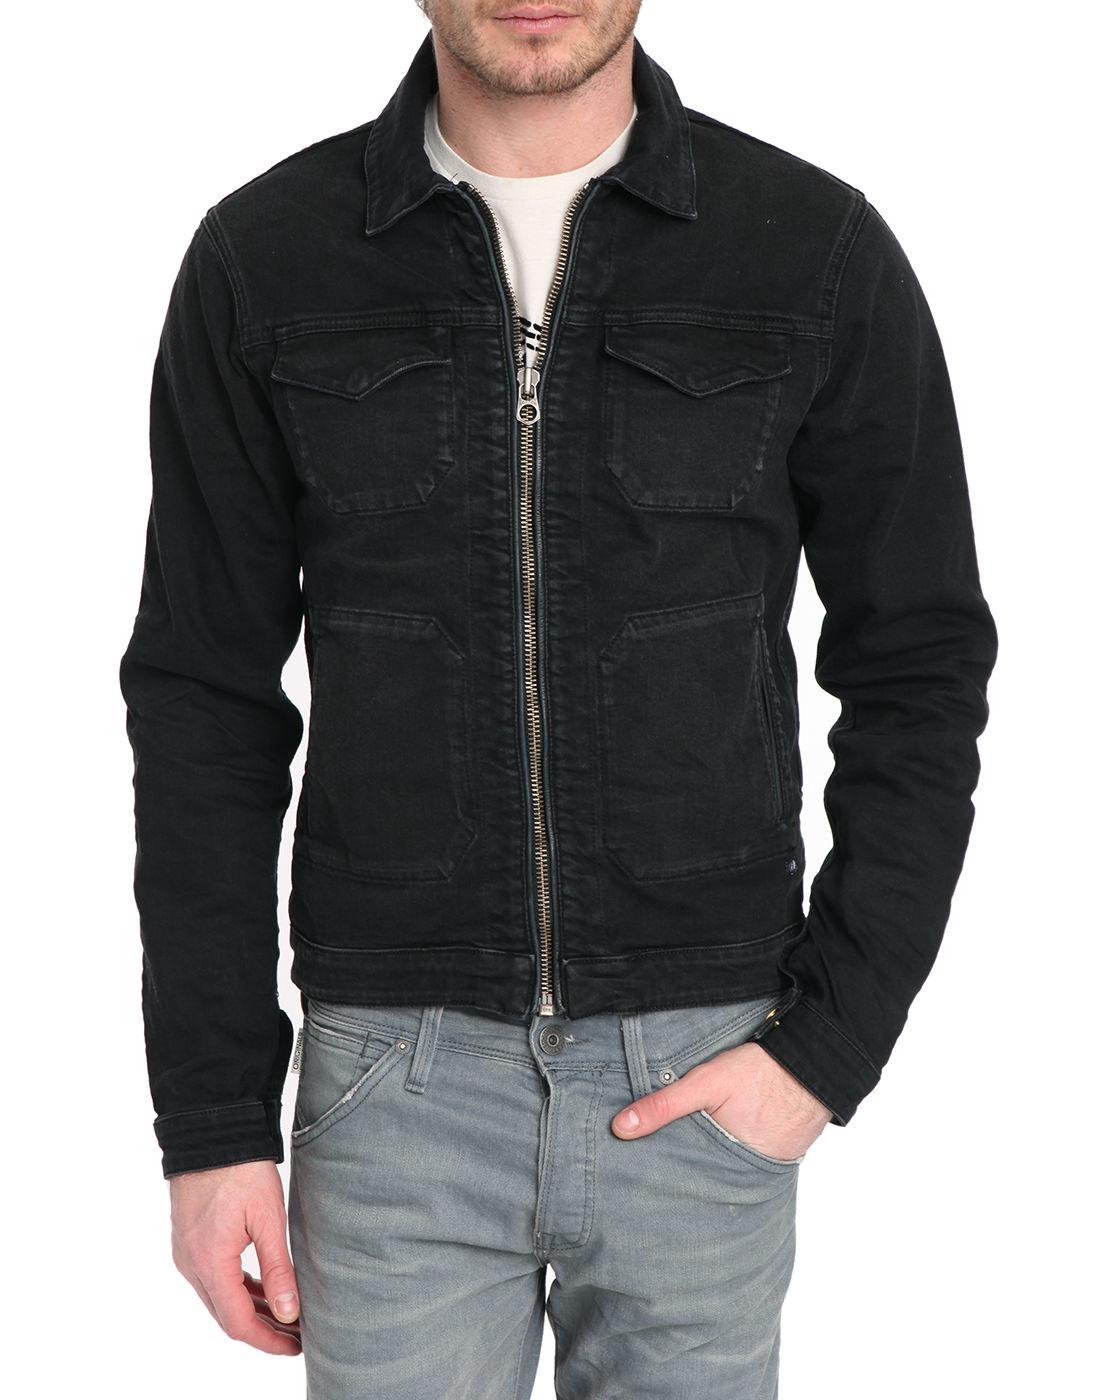 scotch and soda black zip up multipocket black washed denim jacket. Black Bedroom Furniture Sets. Home Design Ideas